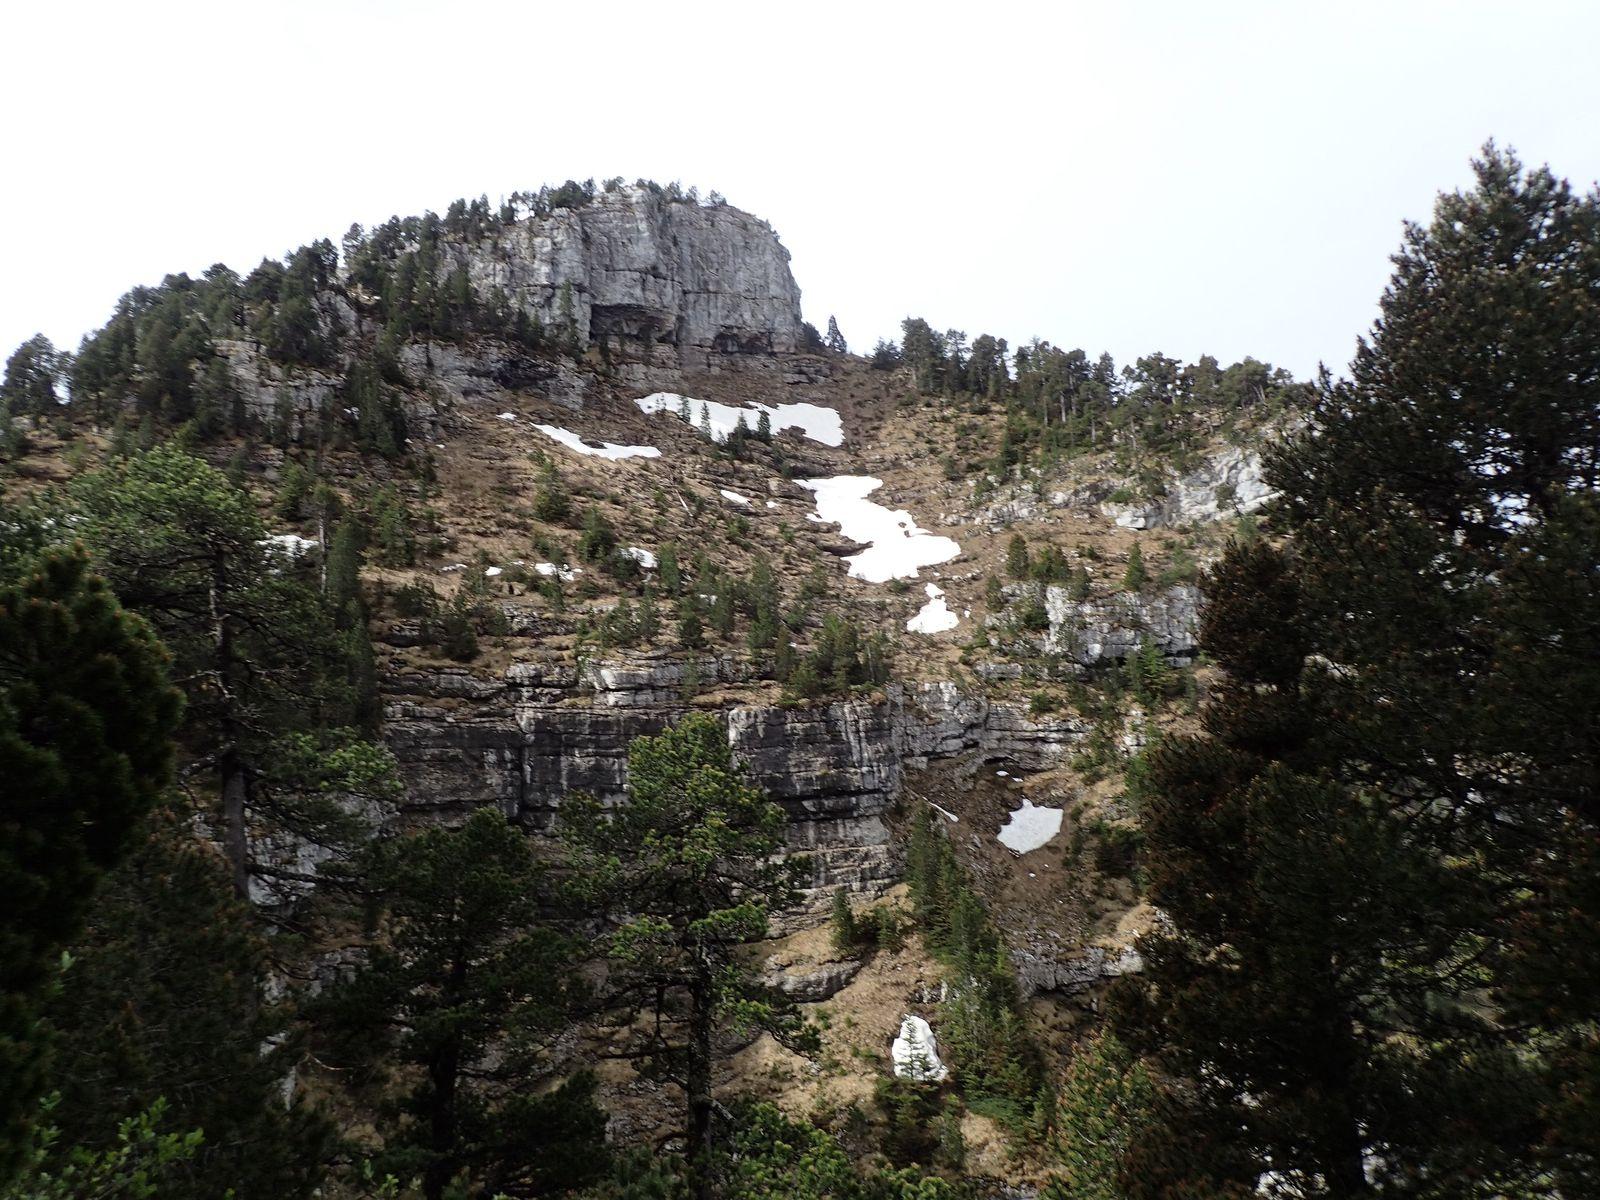 La Tête du Parmelan : Boucle Bois brûlé > Plateau > Grotte de l'Enfer 2/3